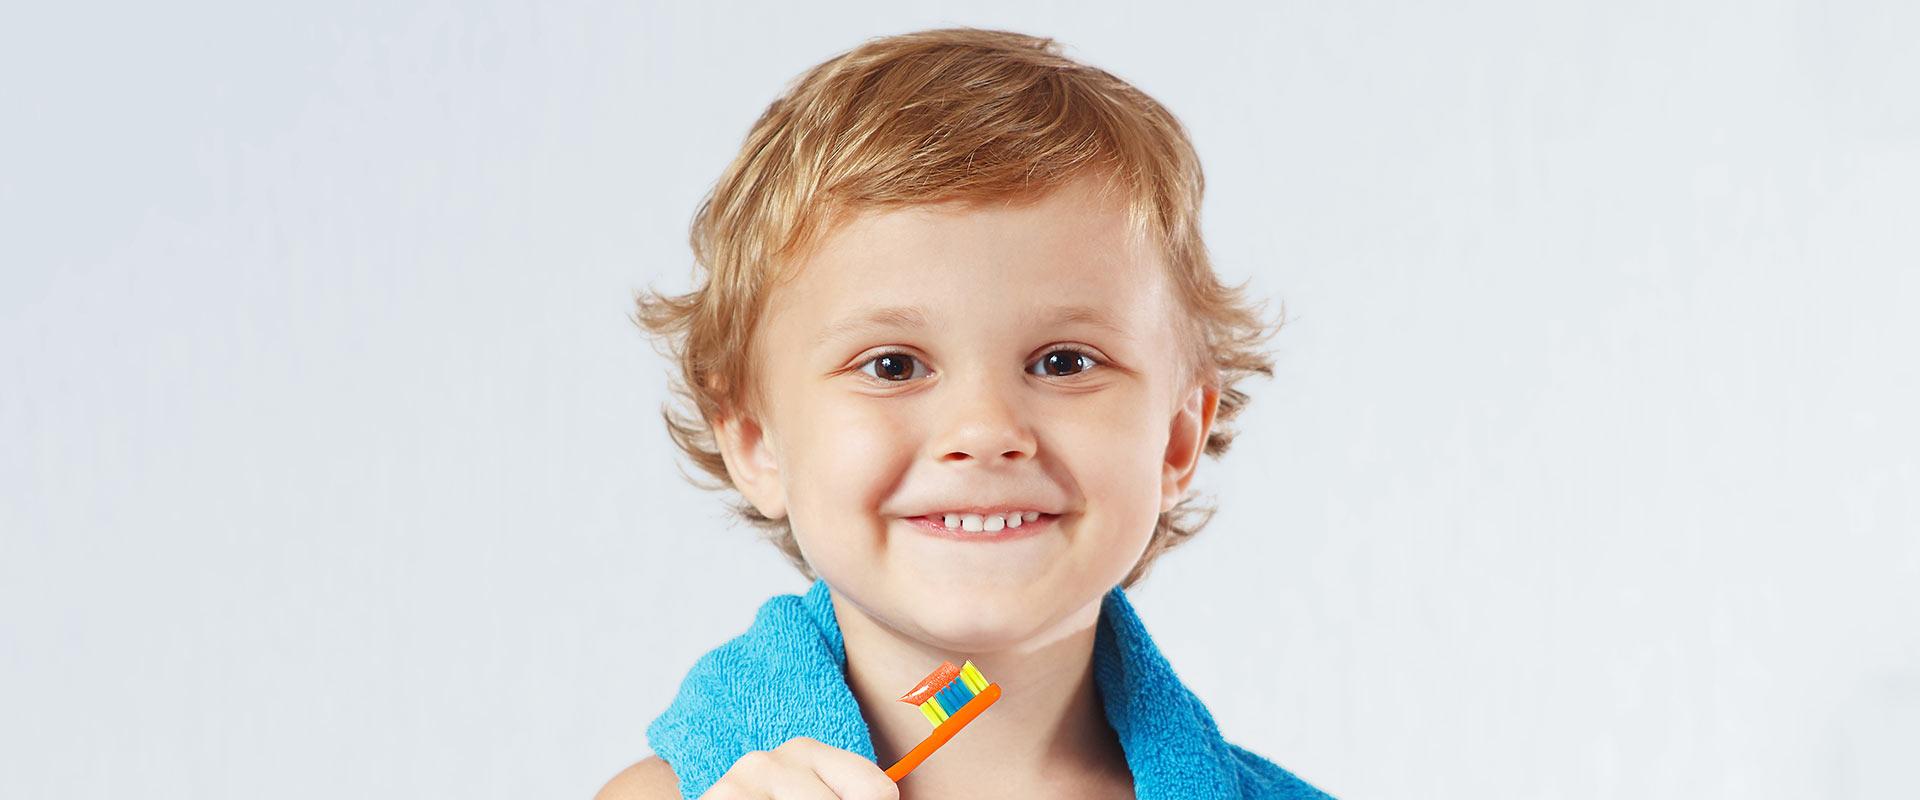 Dlaczego warto używać nici dentystycznej ?